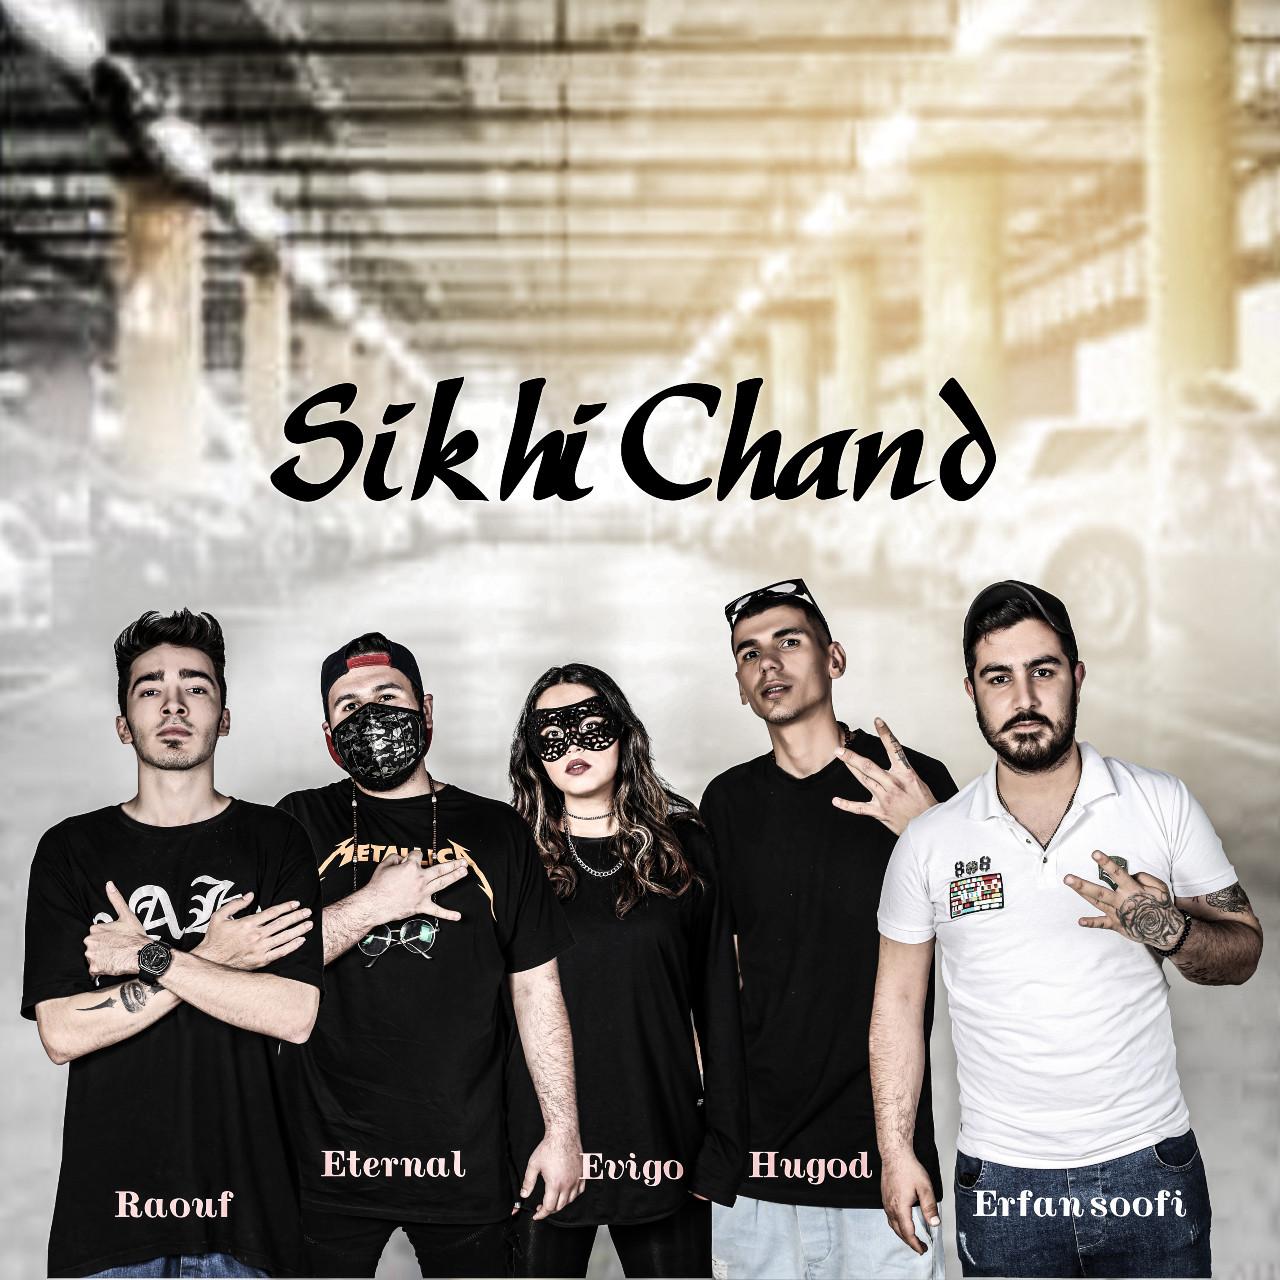 Takfree - Sikhi Chand